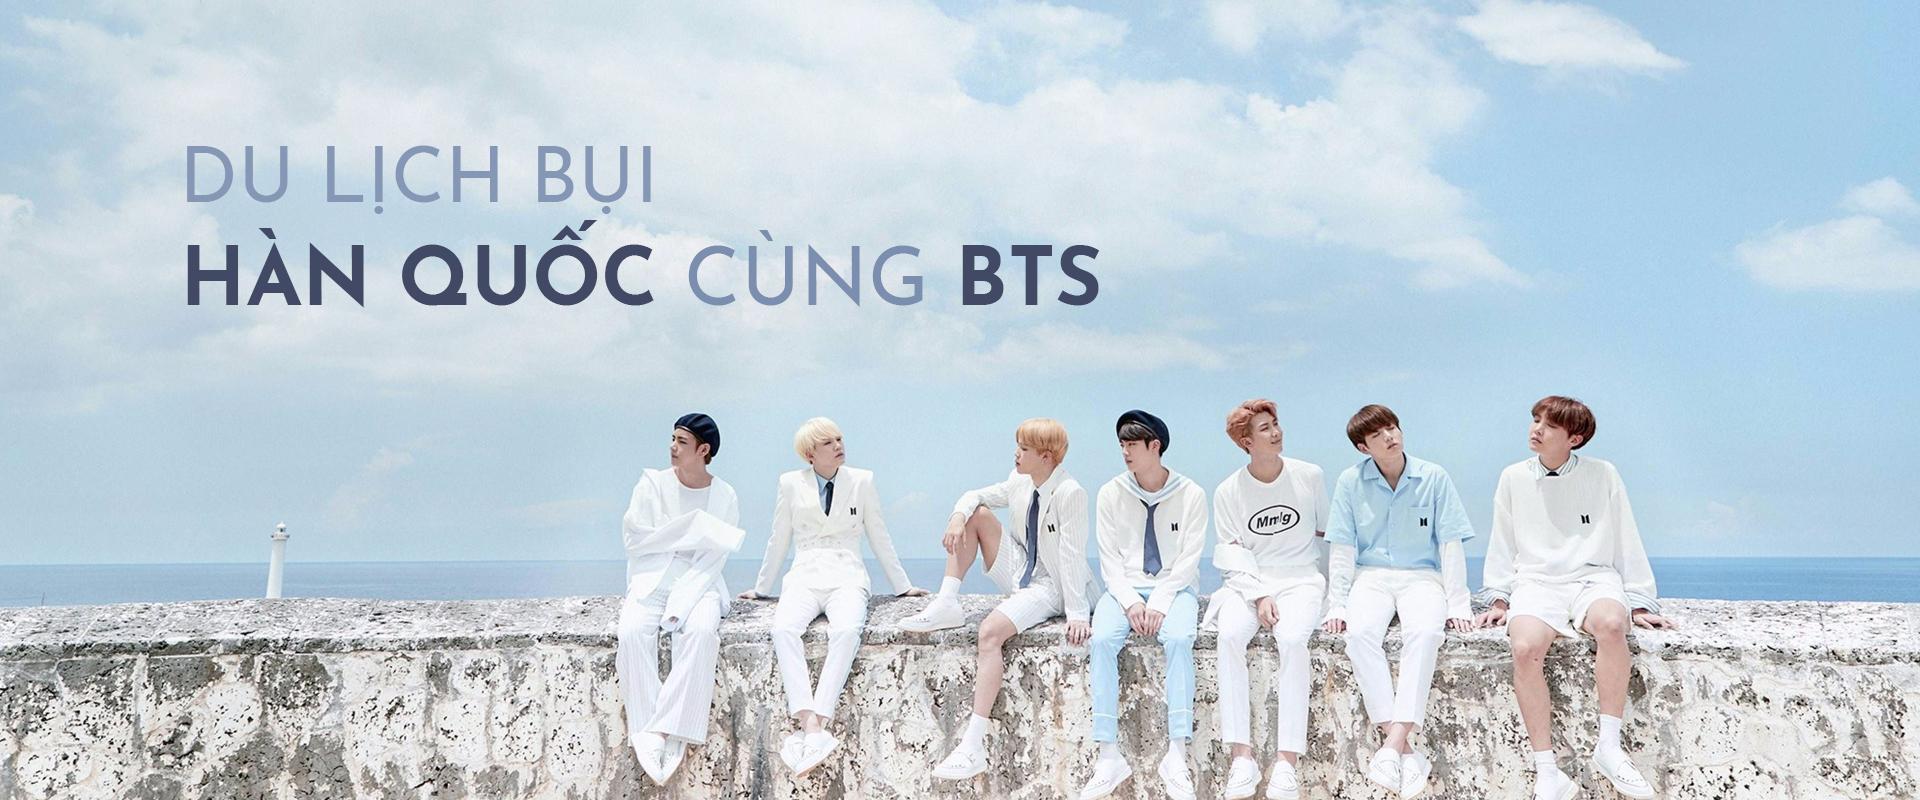 Du lịch bụi Hàn Quốc cùng BTS